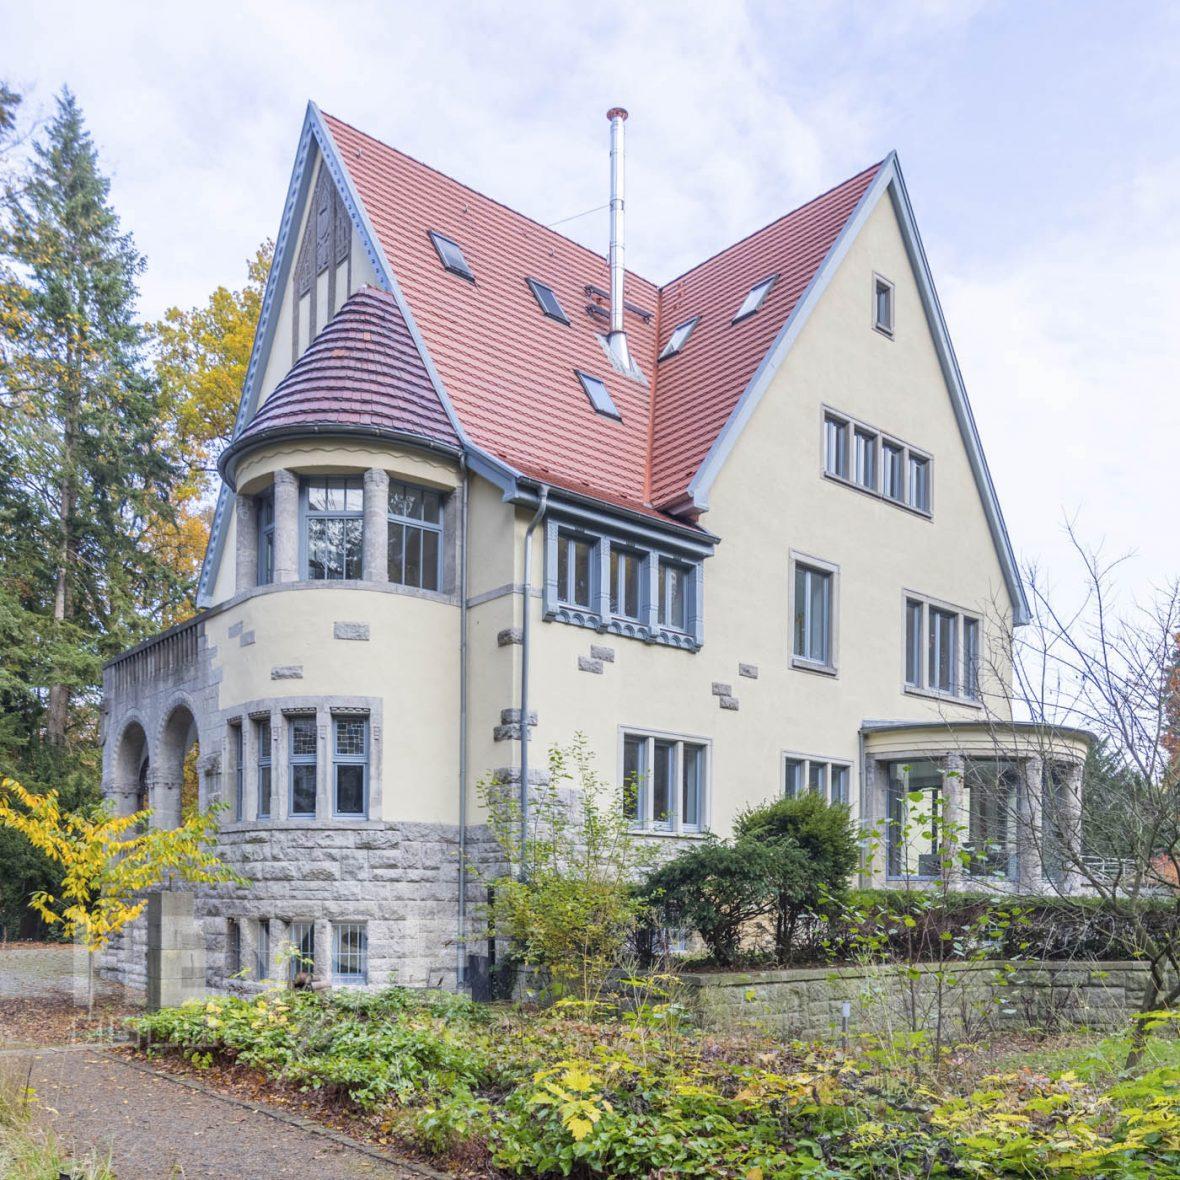 villa haase hannover stilfassade denkmalschutz renovierung. Black Bedroom Furniture Sets. Home Design Ideas